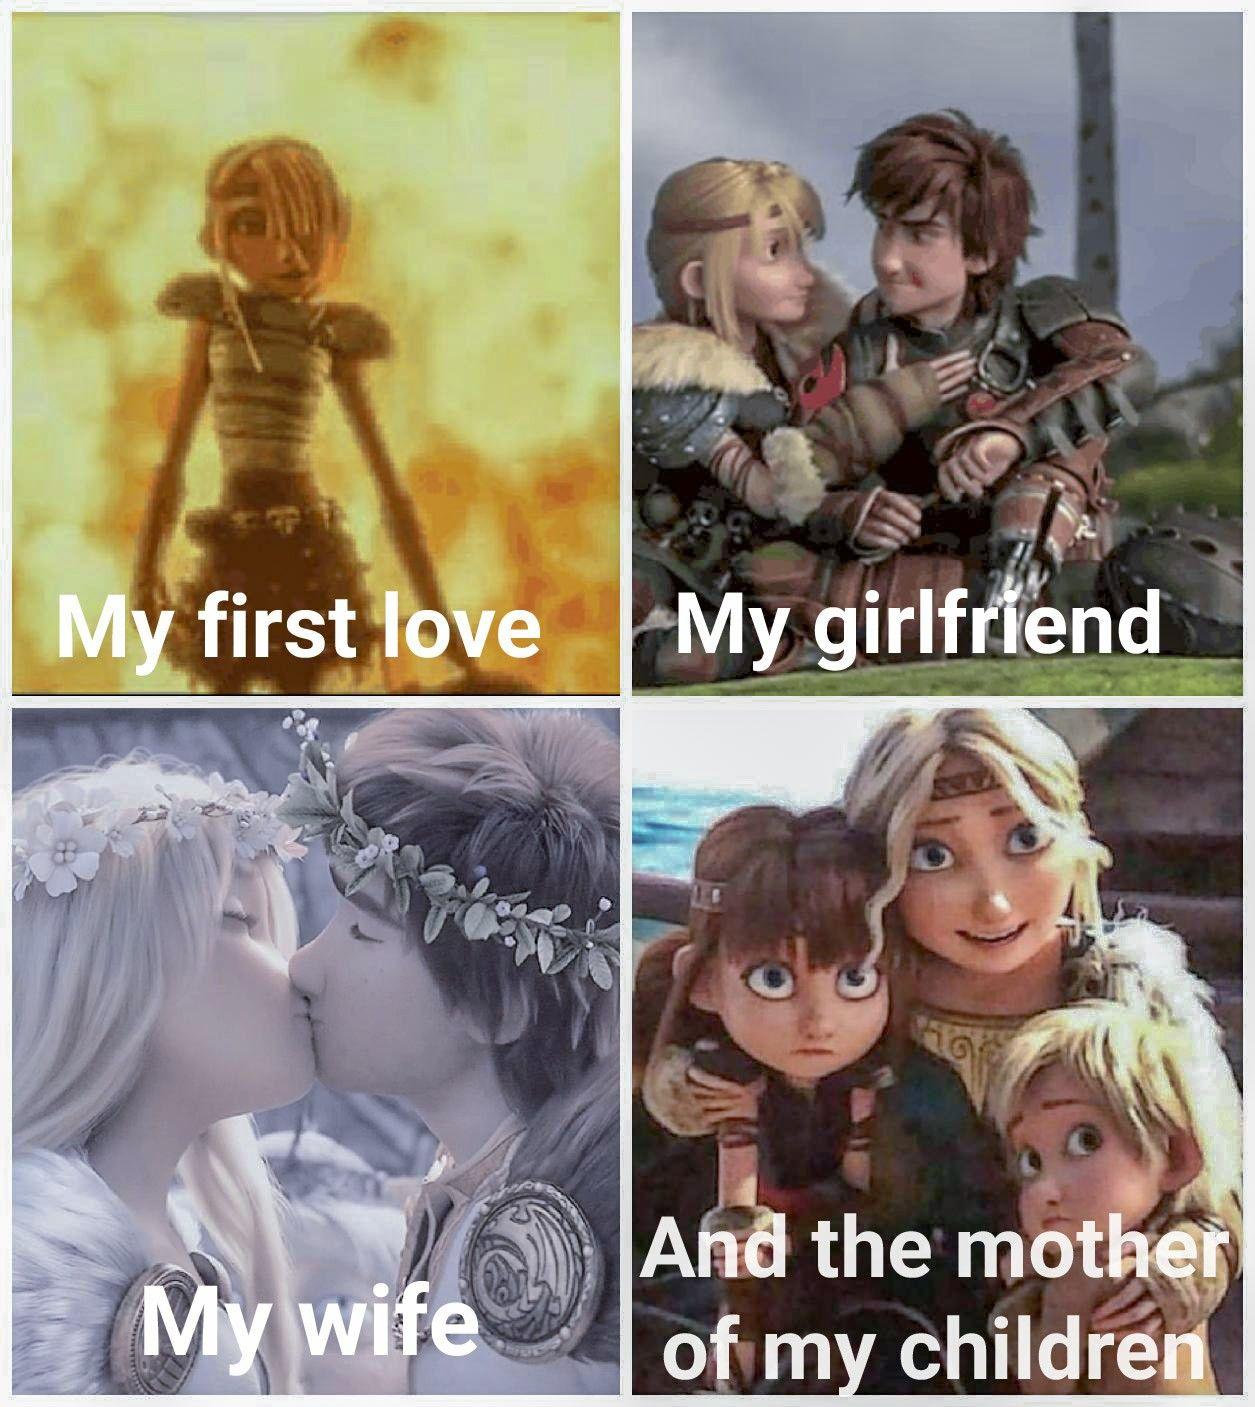 De love sequence